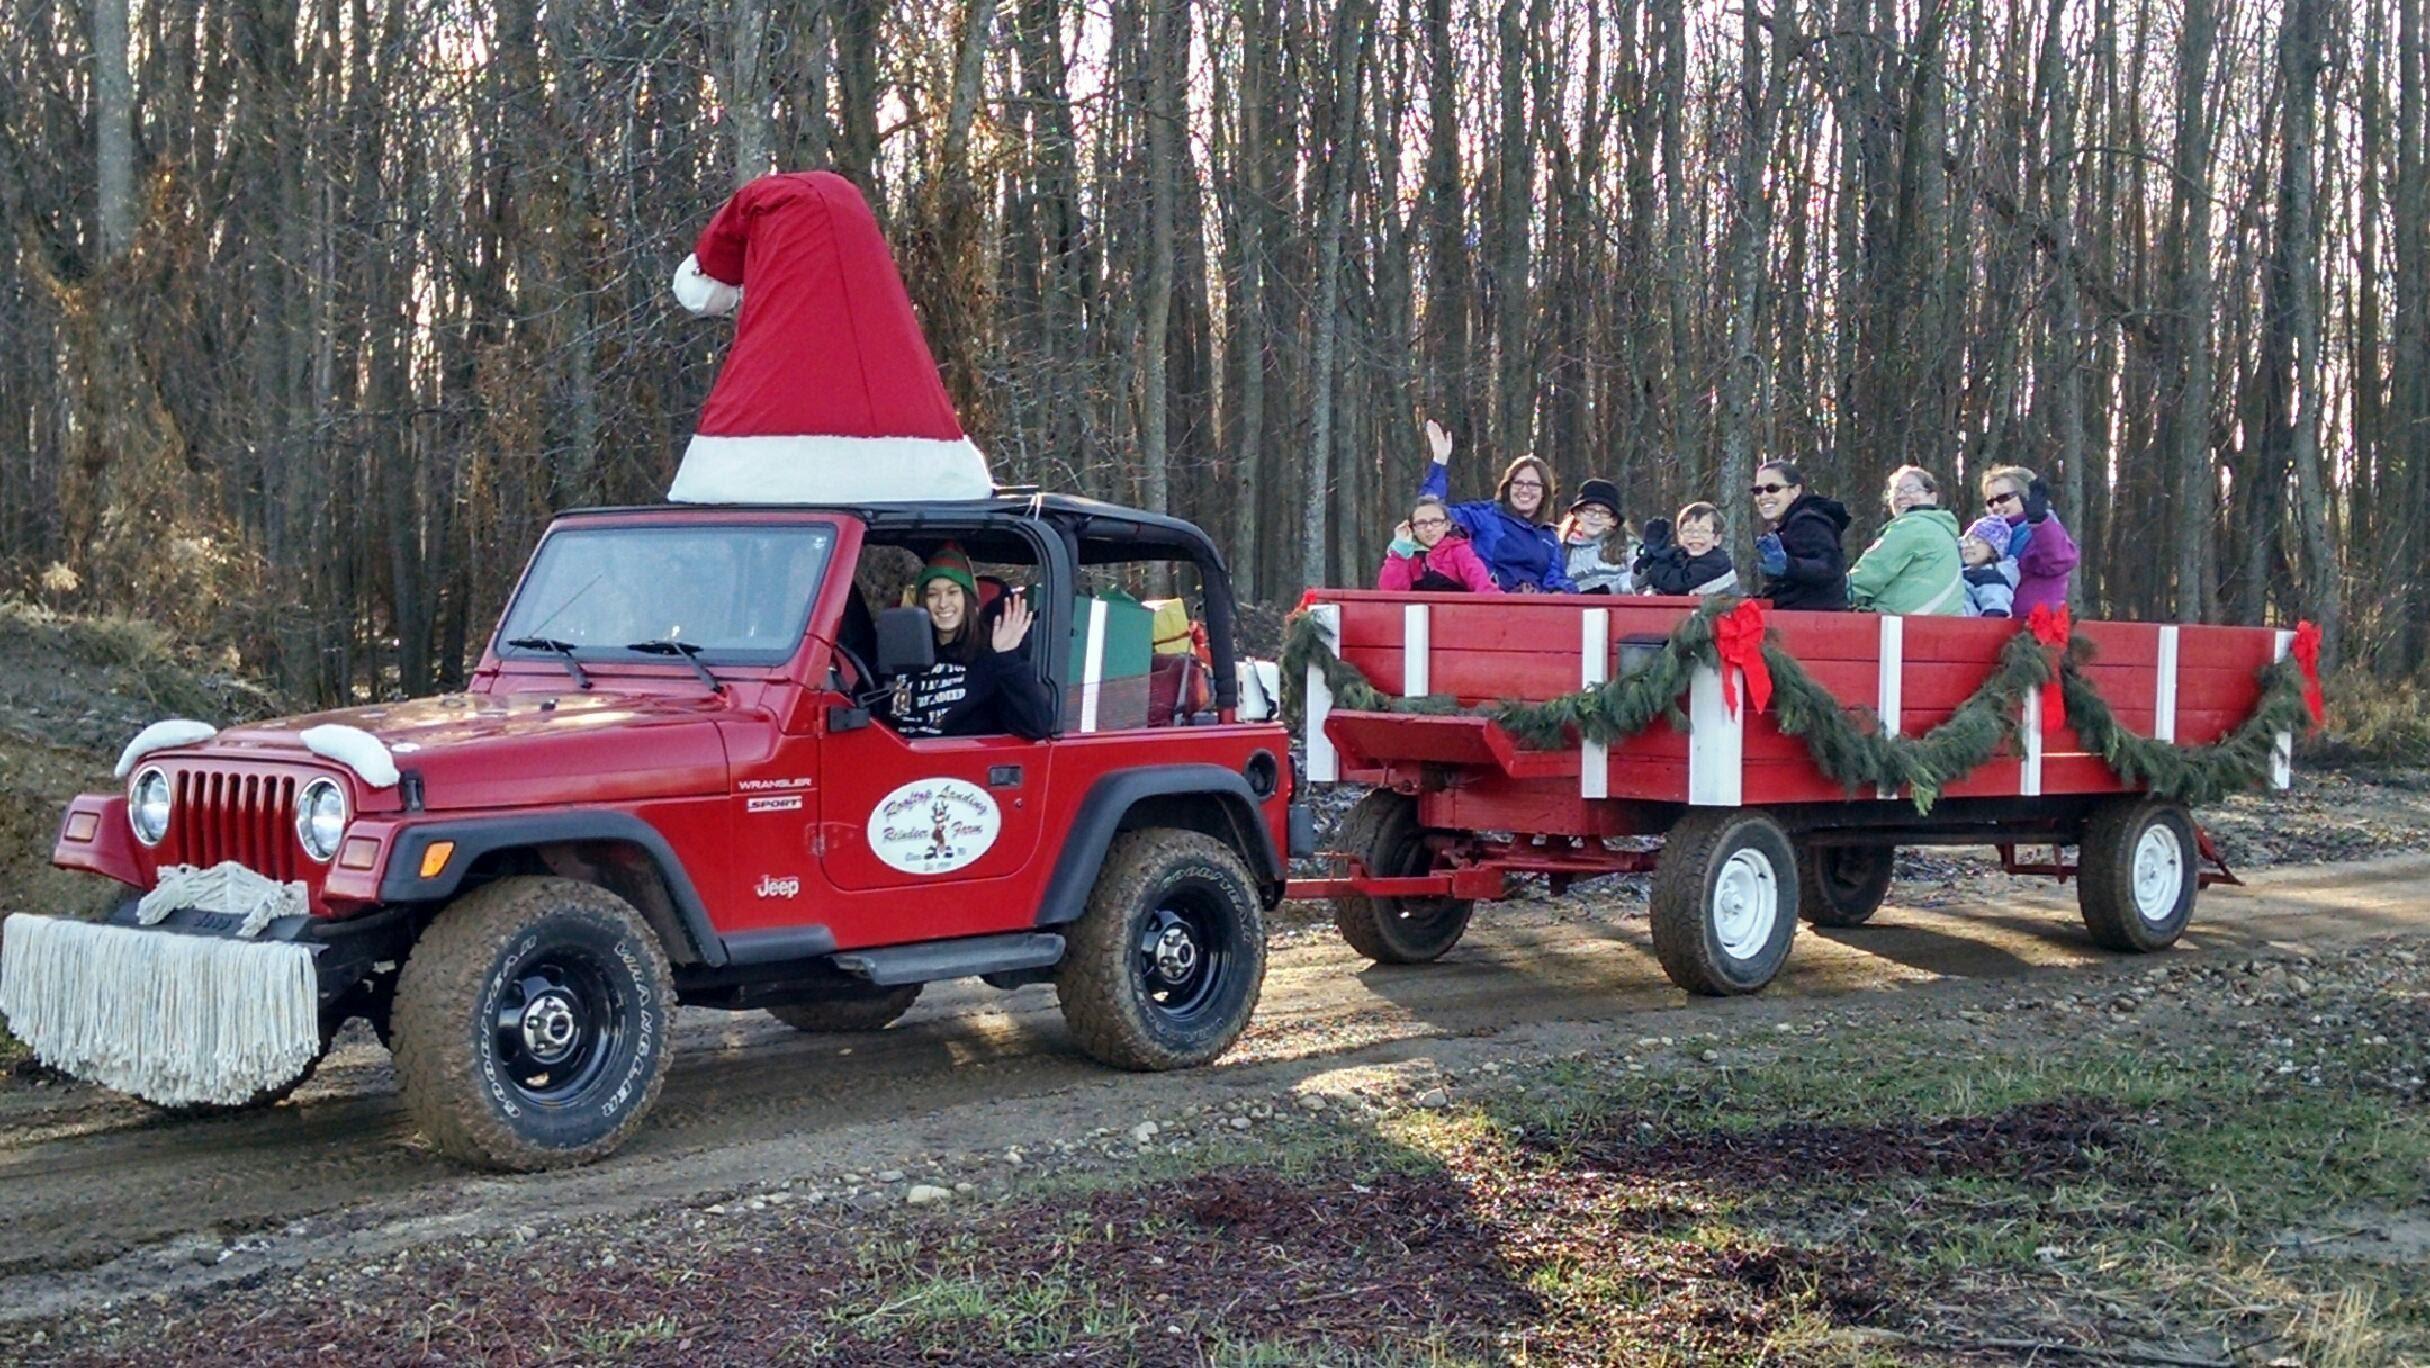 Santa Jeep Pulled Wagon Rides